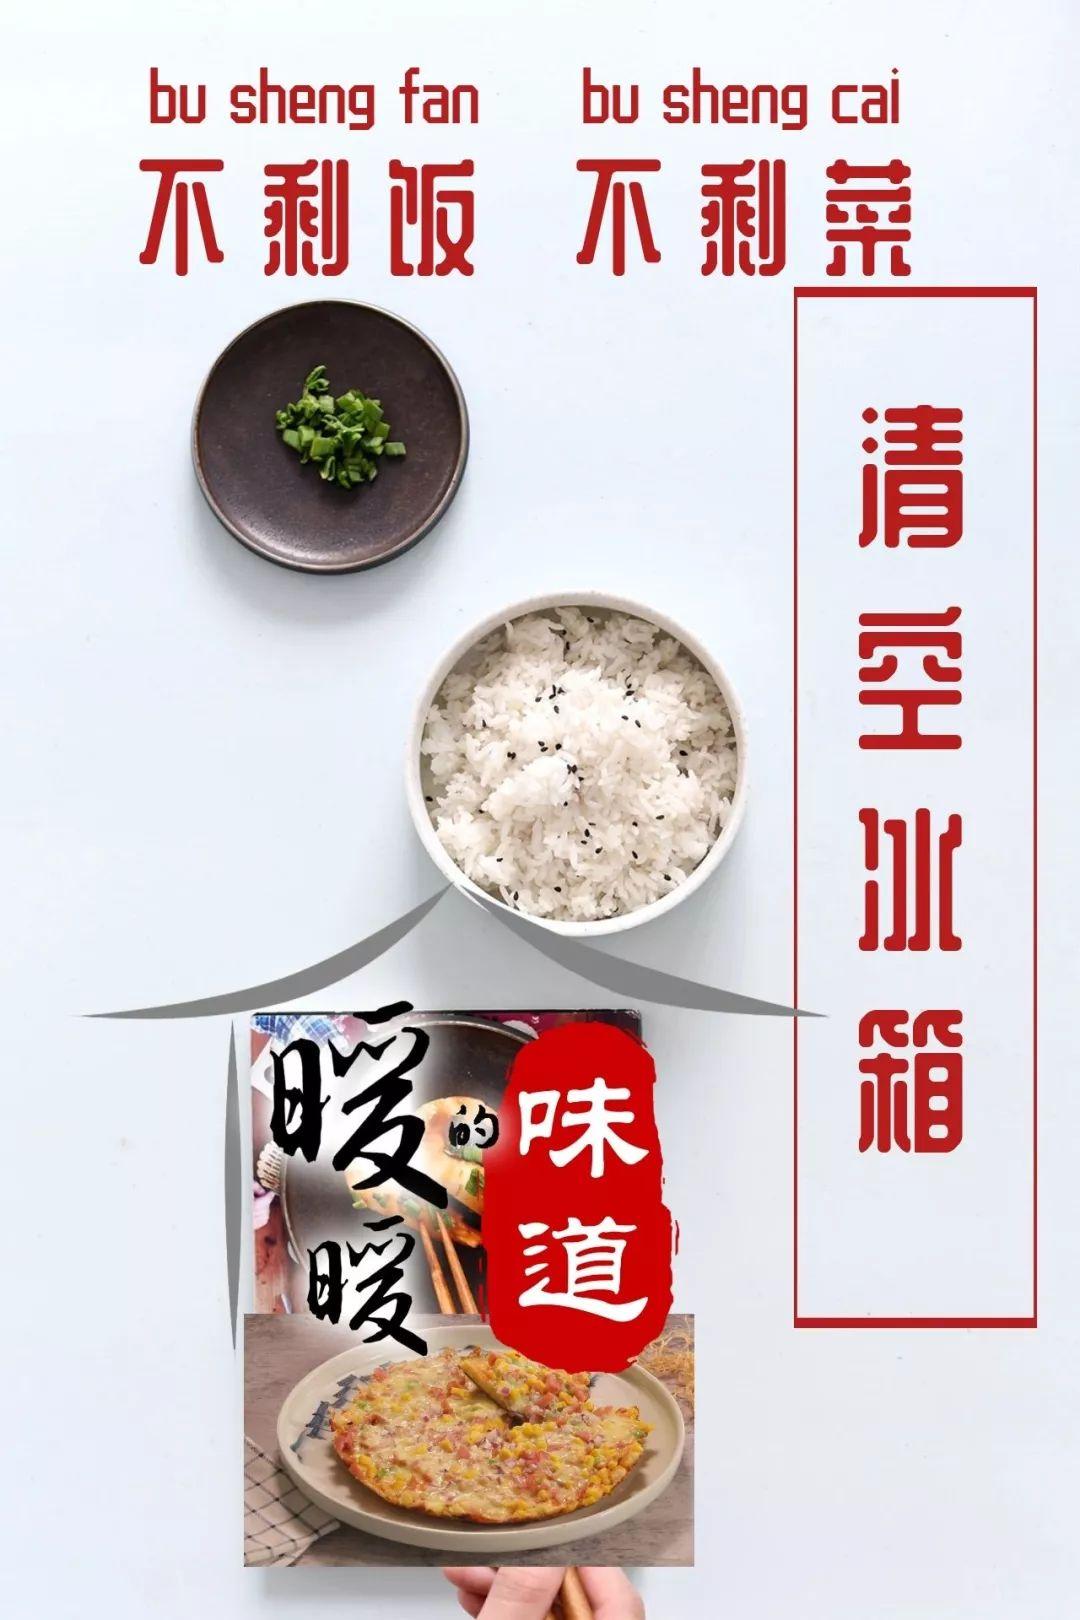 【暖暖的味道】物尽其用之剩菜剩饭大作战!